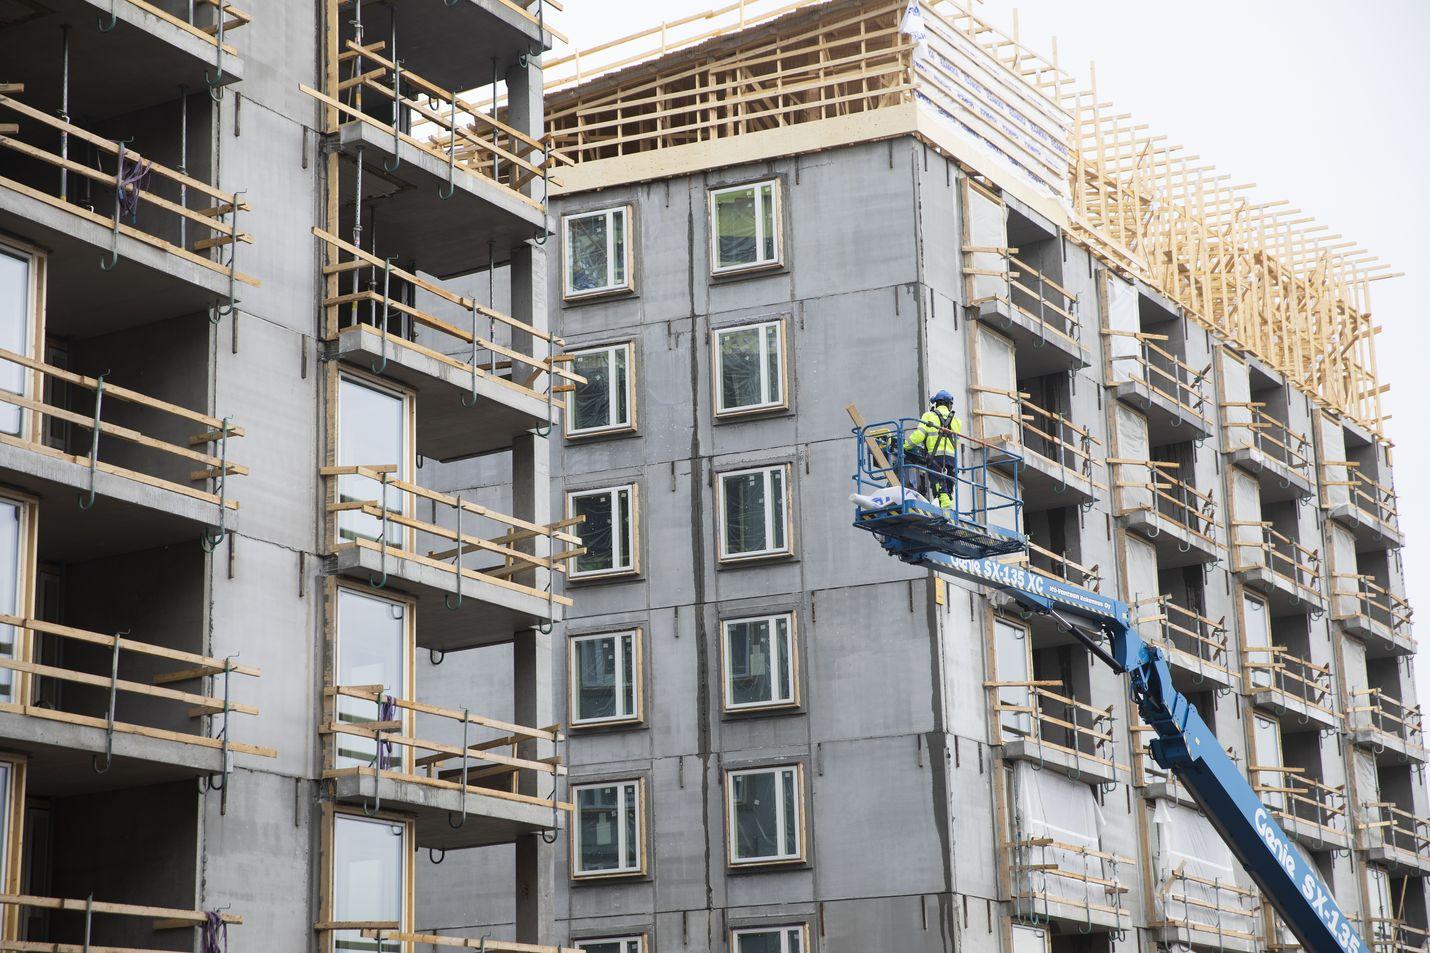 Rakennusteollisuuden yritykset arvioivat, että tämän vuoden asuntoaloitukset ovat kutistuneet peräti 25 prosenttia koronakriisiä edeltävään aikaan verrattuna